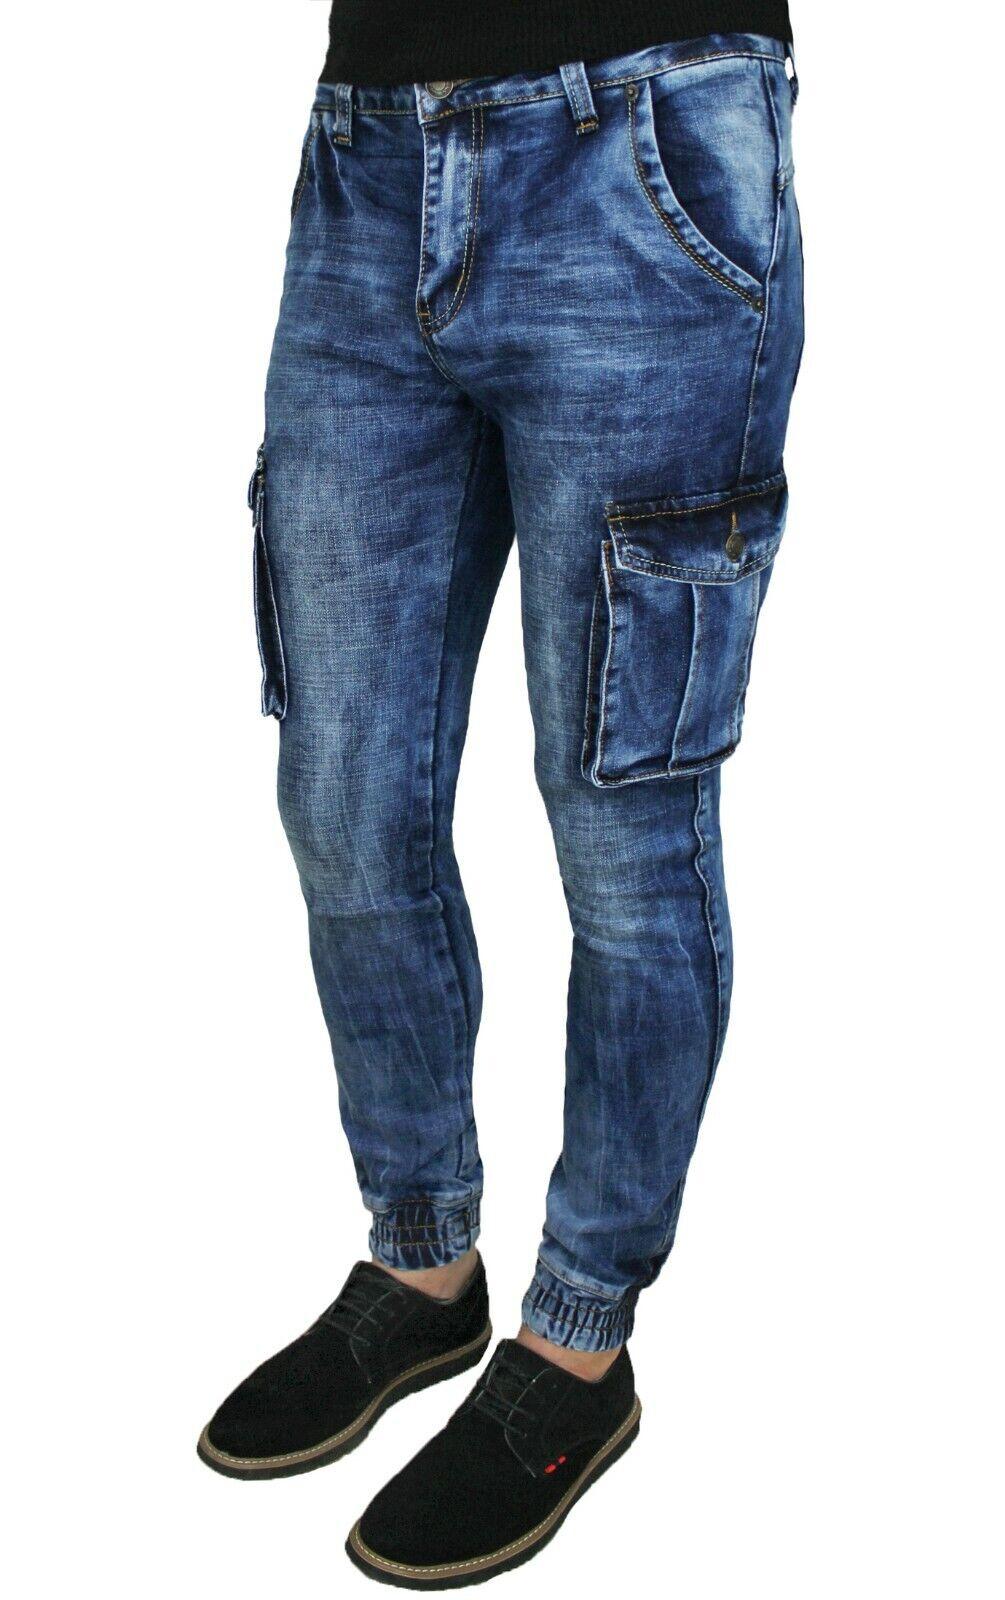 4873a2762a Jeans uomo Cargo Blu Denim casual slim fit aderenti con tasconi laterali